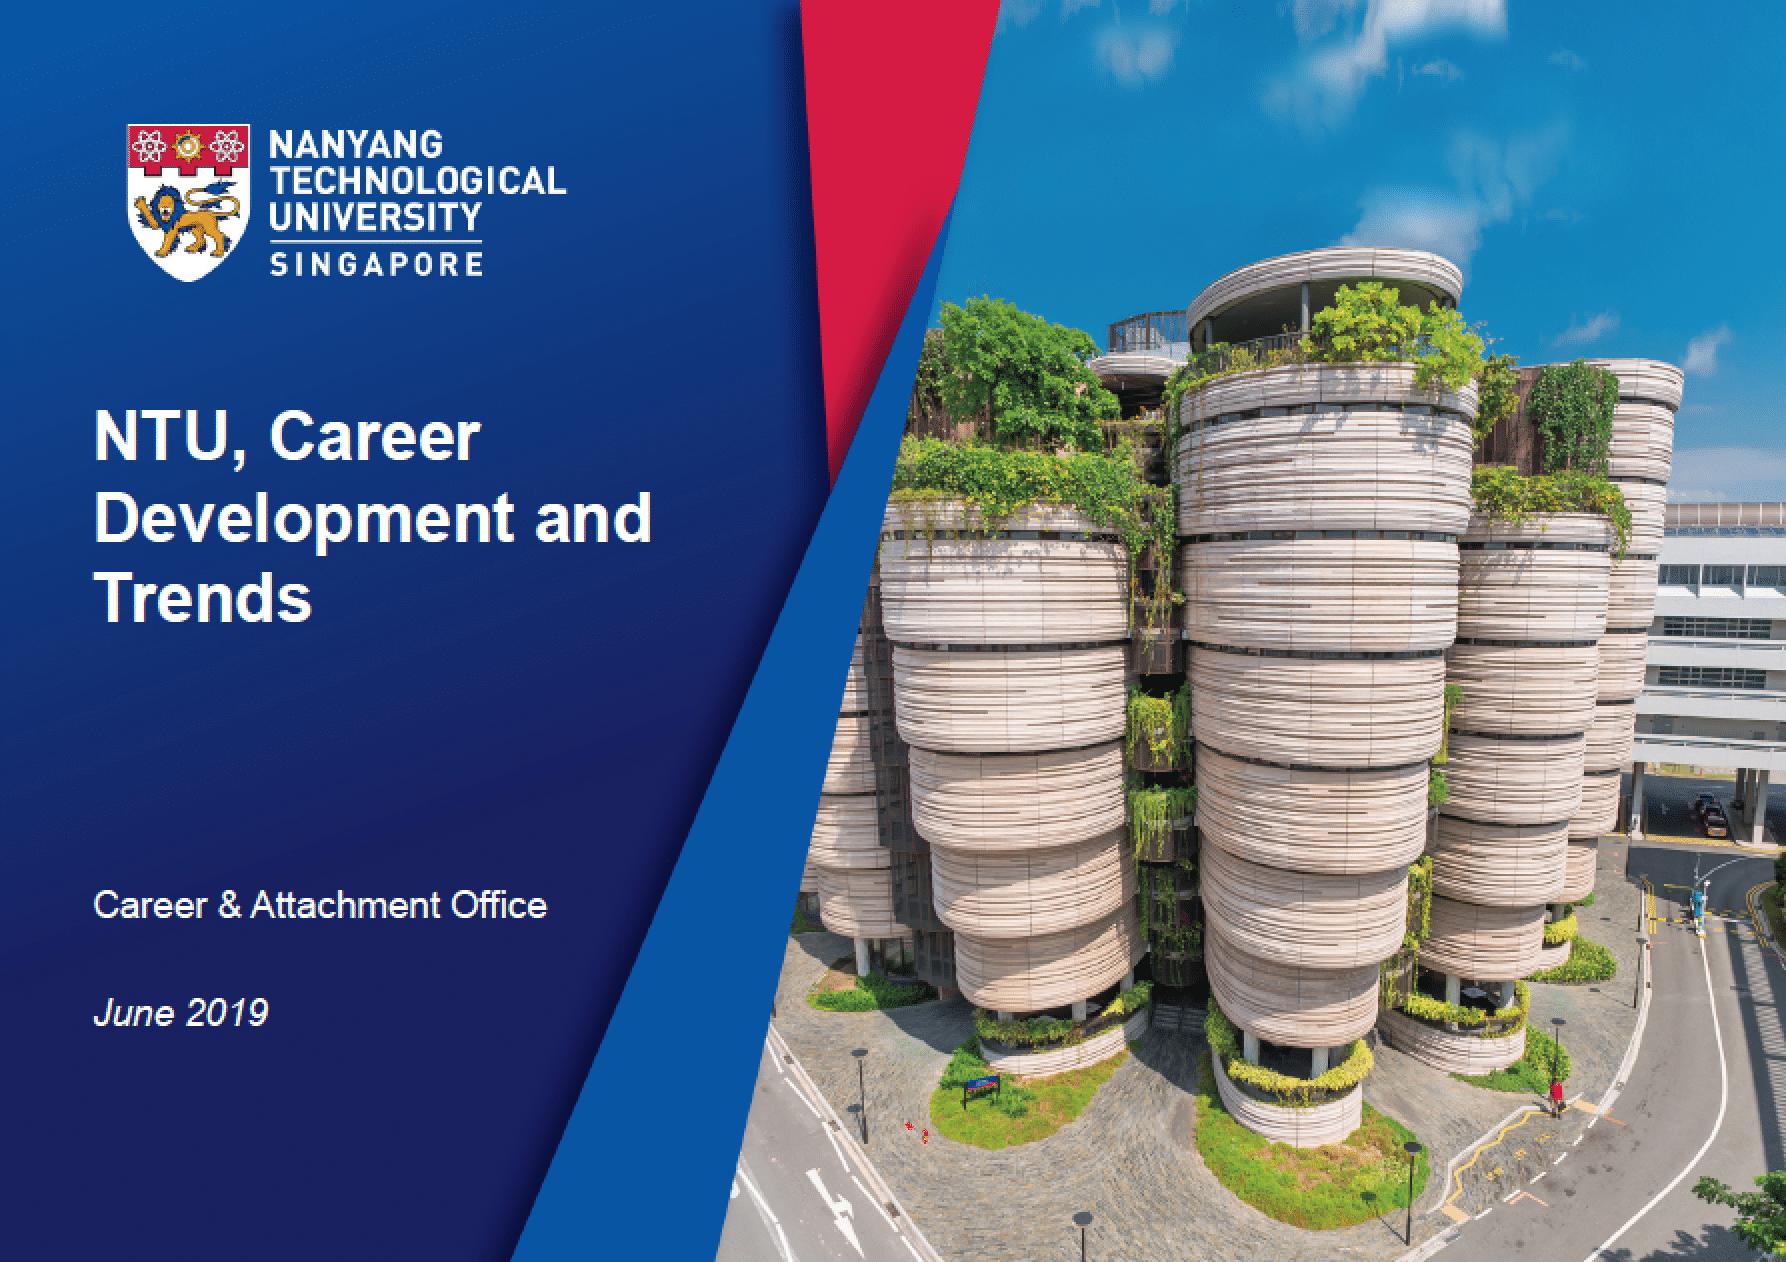 高い年収を提示するだけでは不十分。シンガポール・NTU(南洋理工大学)の学生が仕事探しで重視する4つのこと